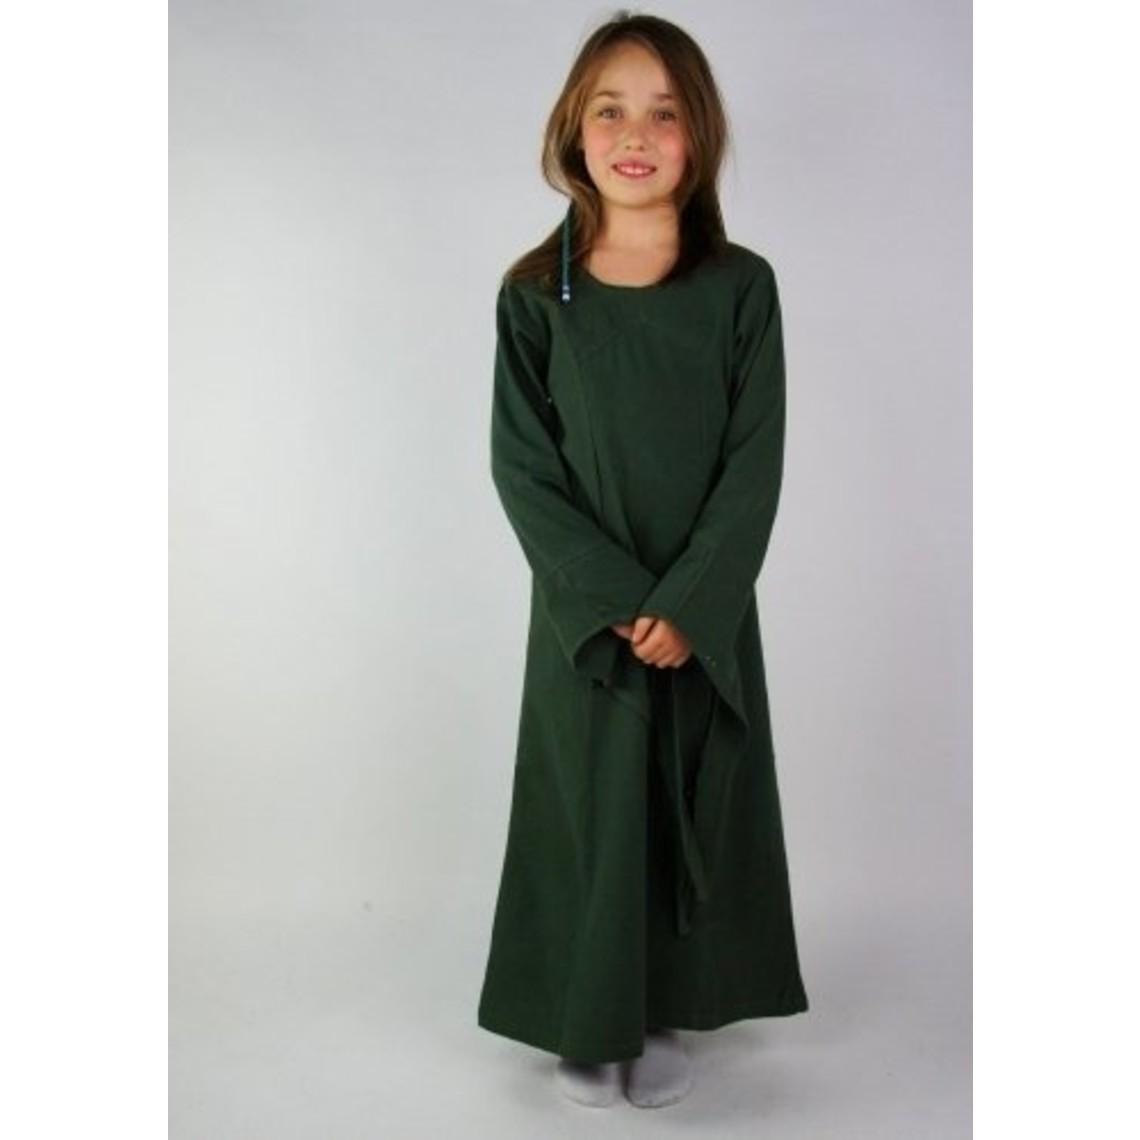 Leonardo Carbone Meisjesjurk Fand groen